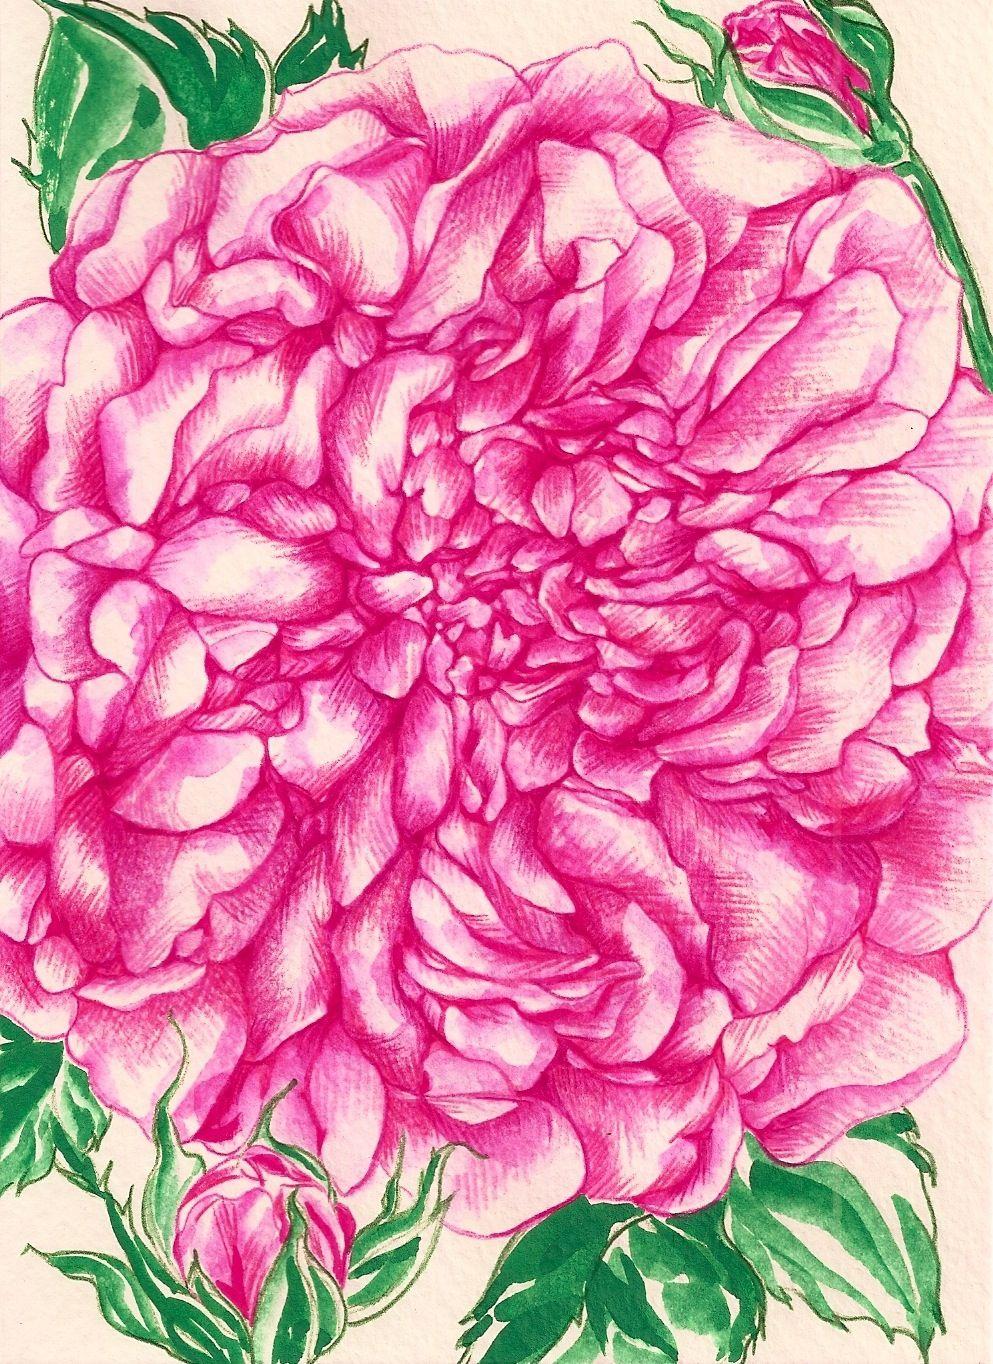 Summer Roses on Behance